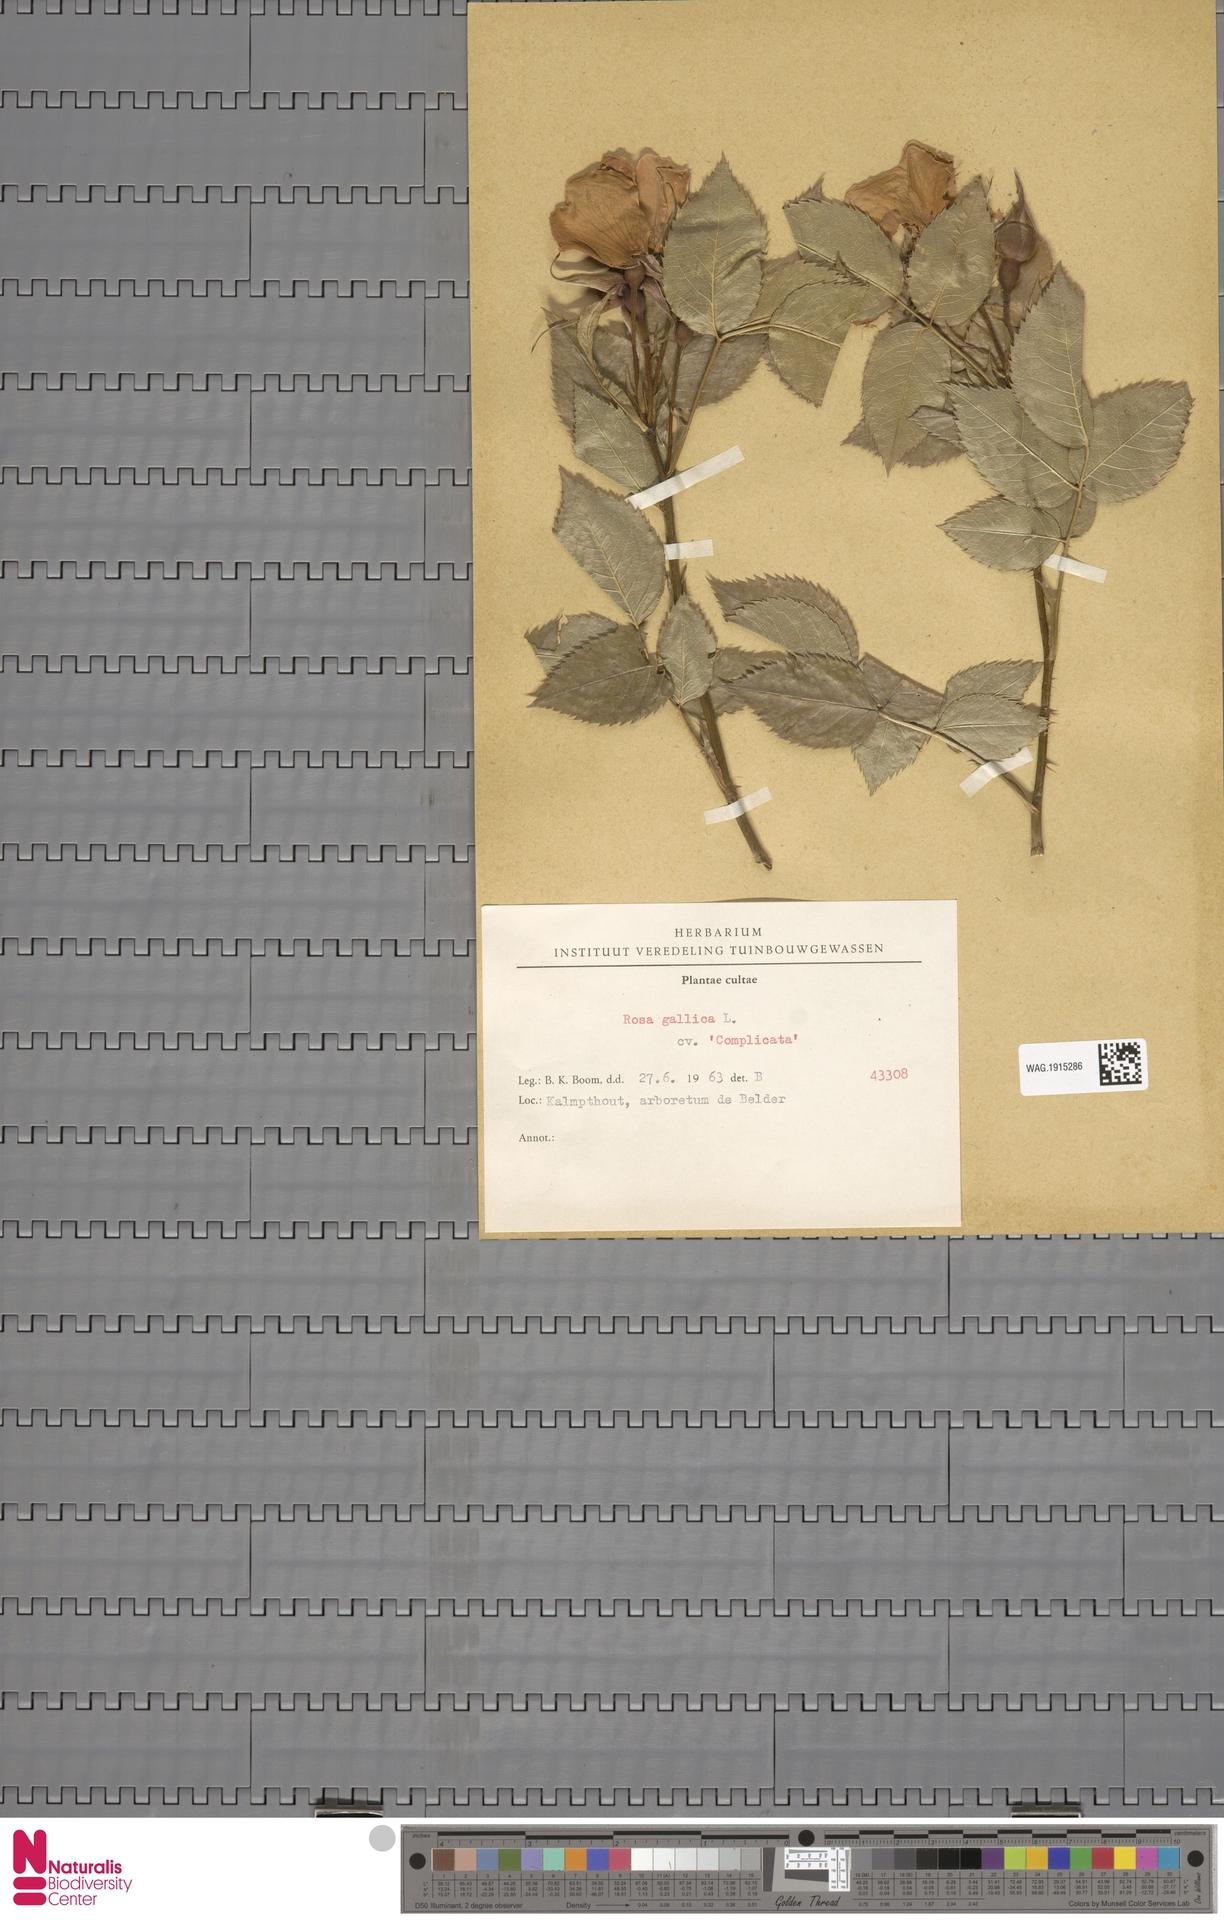 WAG.1915286   Rosa gallica cv. 'Complicata'